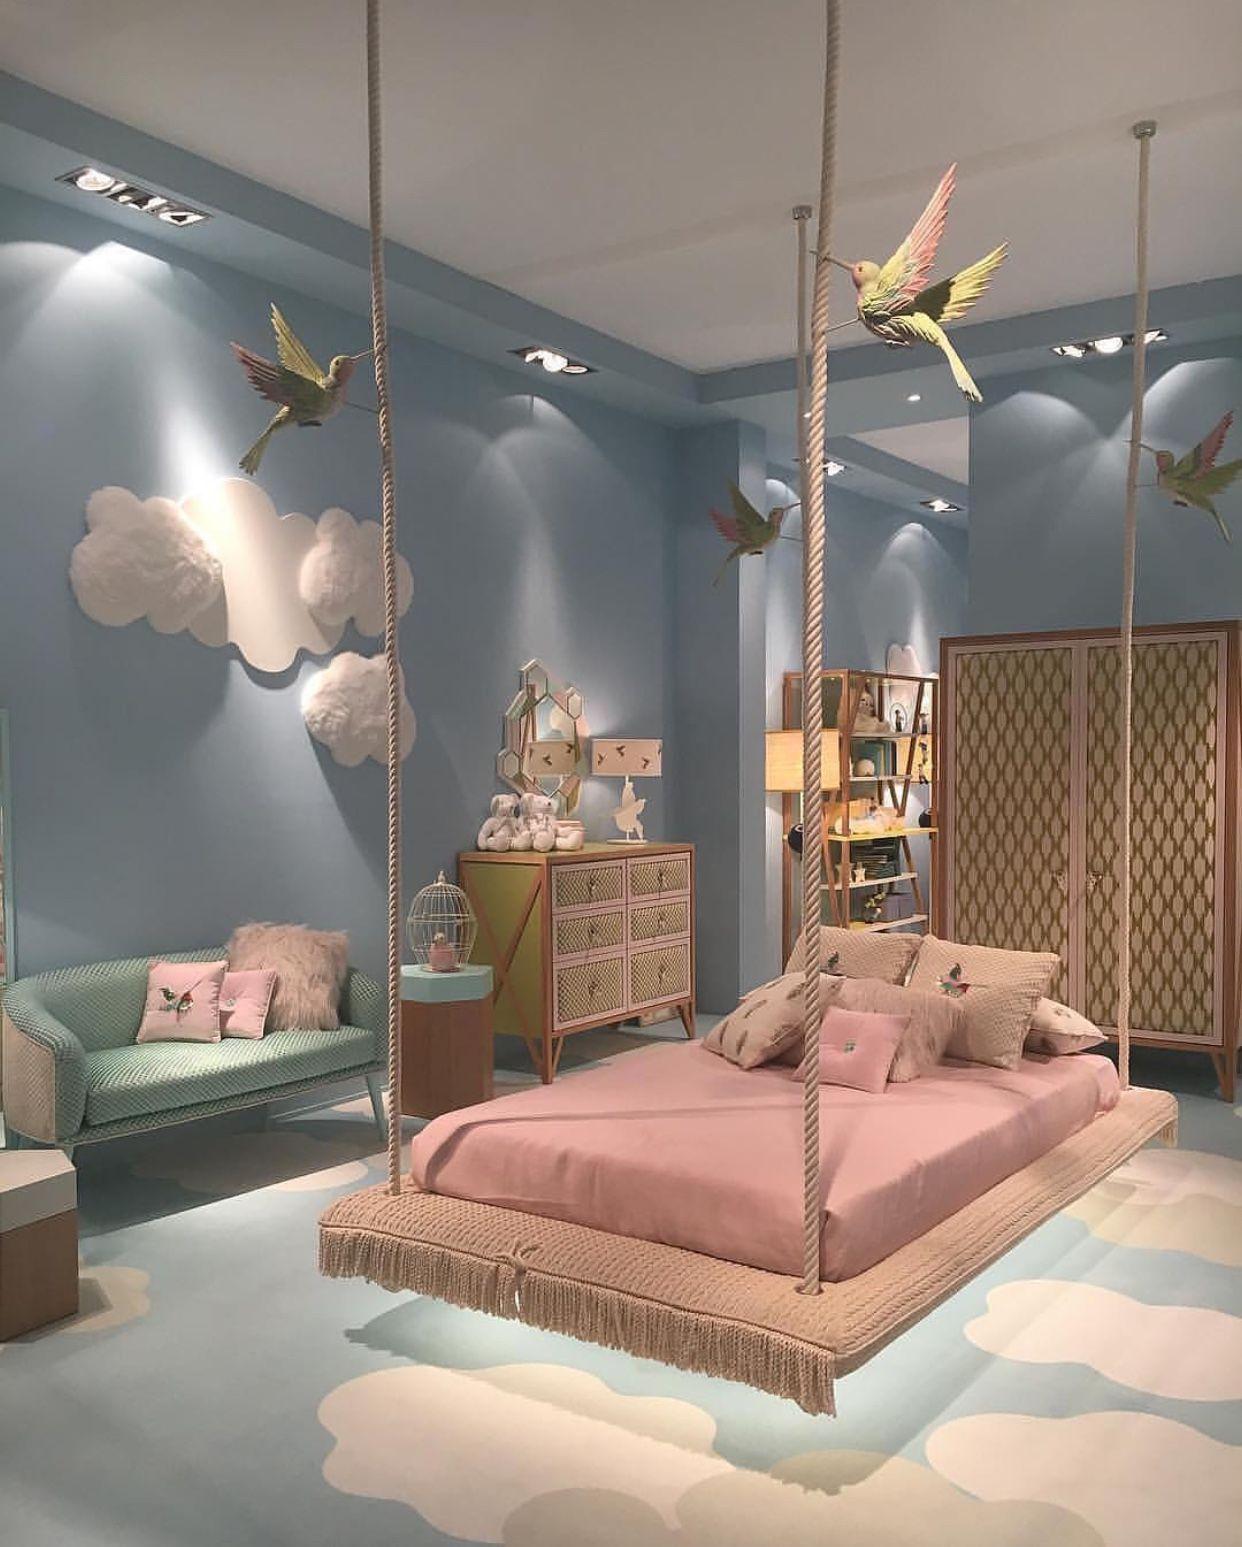 Dreamy Kids Room Girl Bedroom Designs Girl Bedroom Decor Bedroom Design